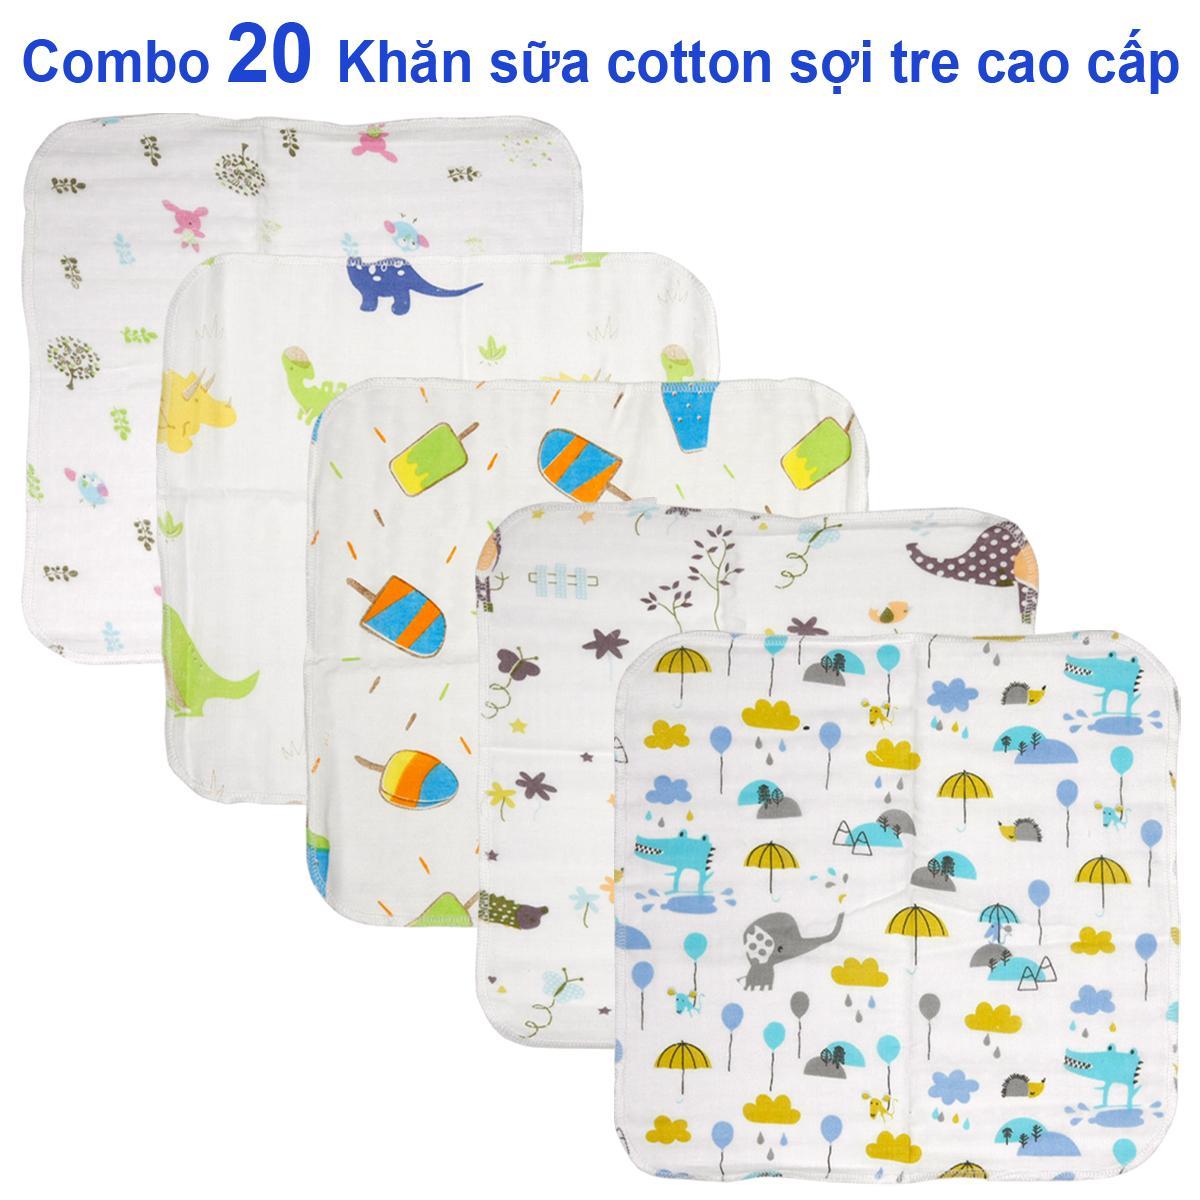 Combo 20 khăn sữa , khăn xô cotton sợi tre...